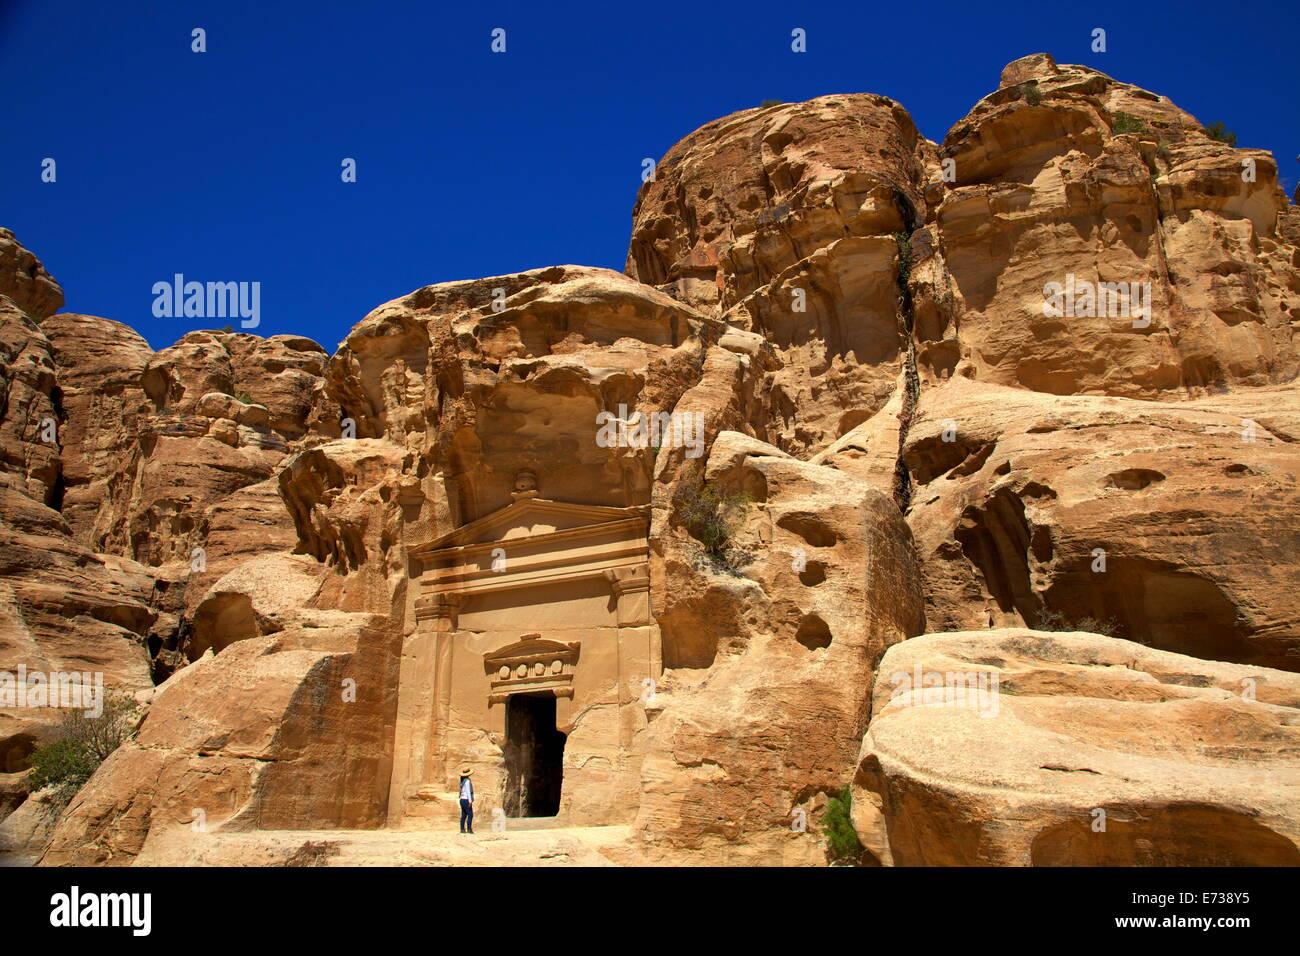 Turista en poco Petra, Sitio del Patrimonio Mundial de la UNESCO, Jordania, Oriente Medio Imagen De Stock